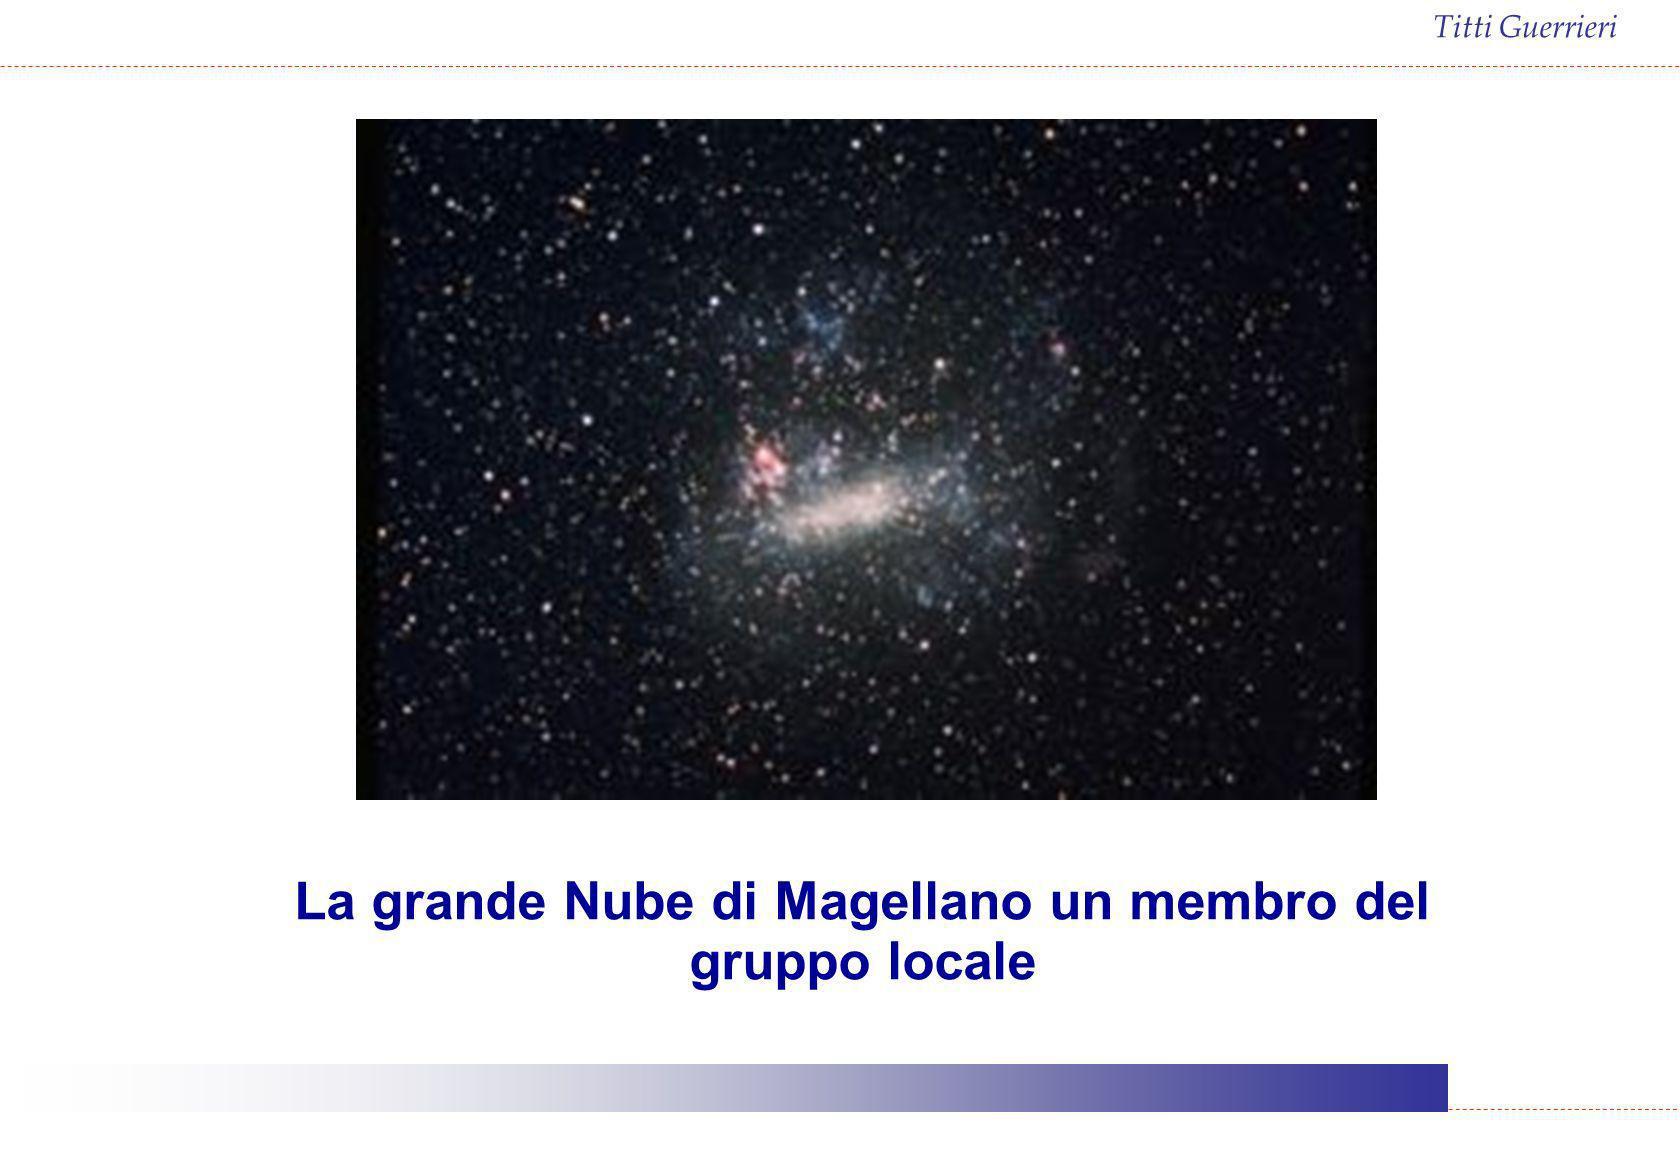 Titti Guerrieri La grande Nube di Magellano un membro del gruppo locale